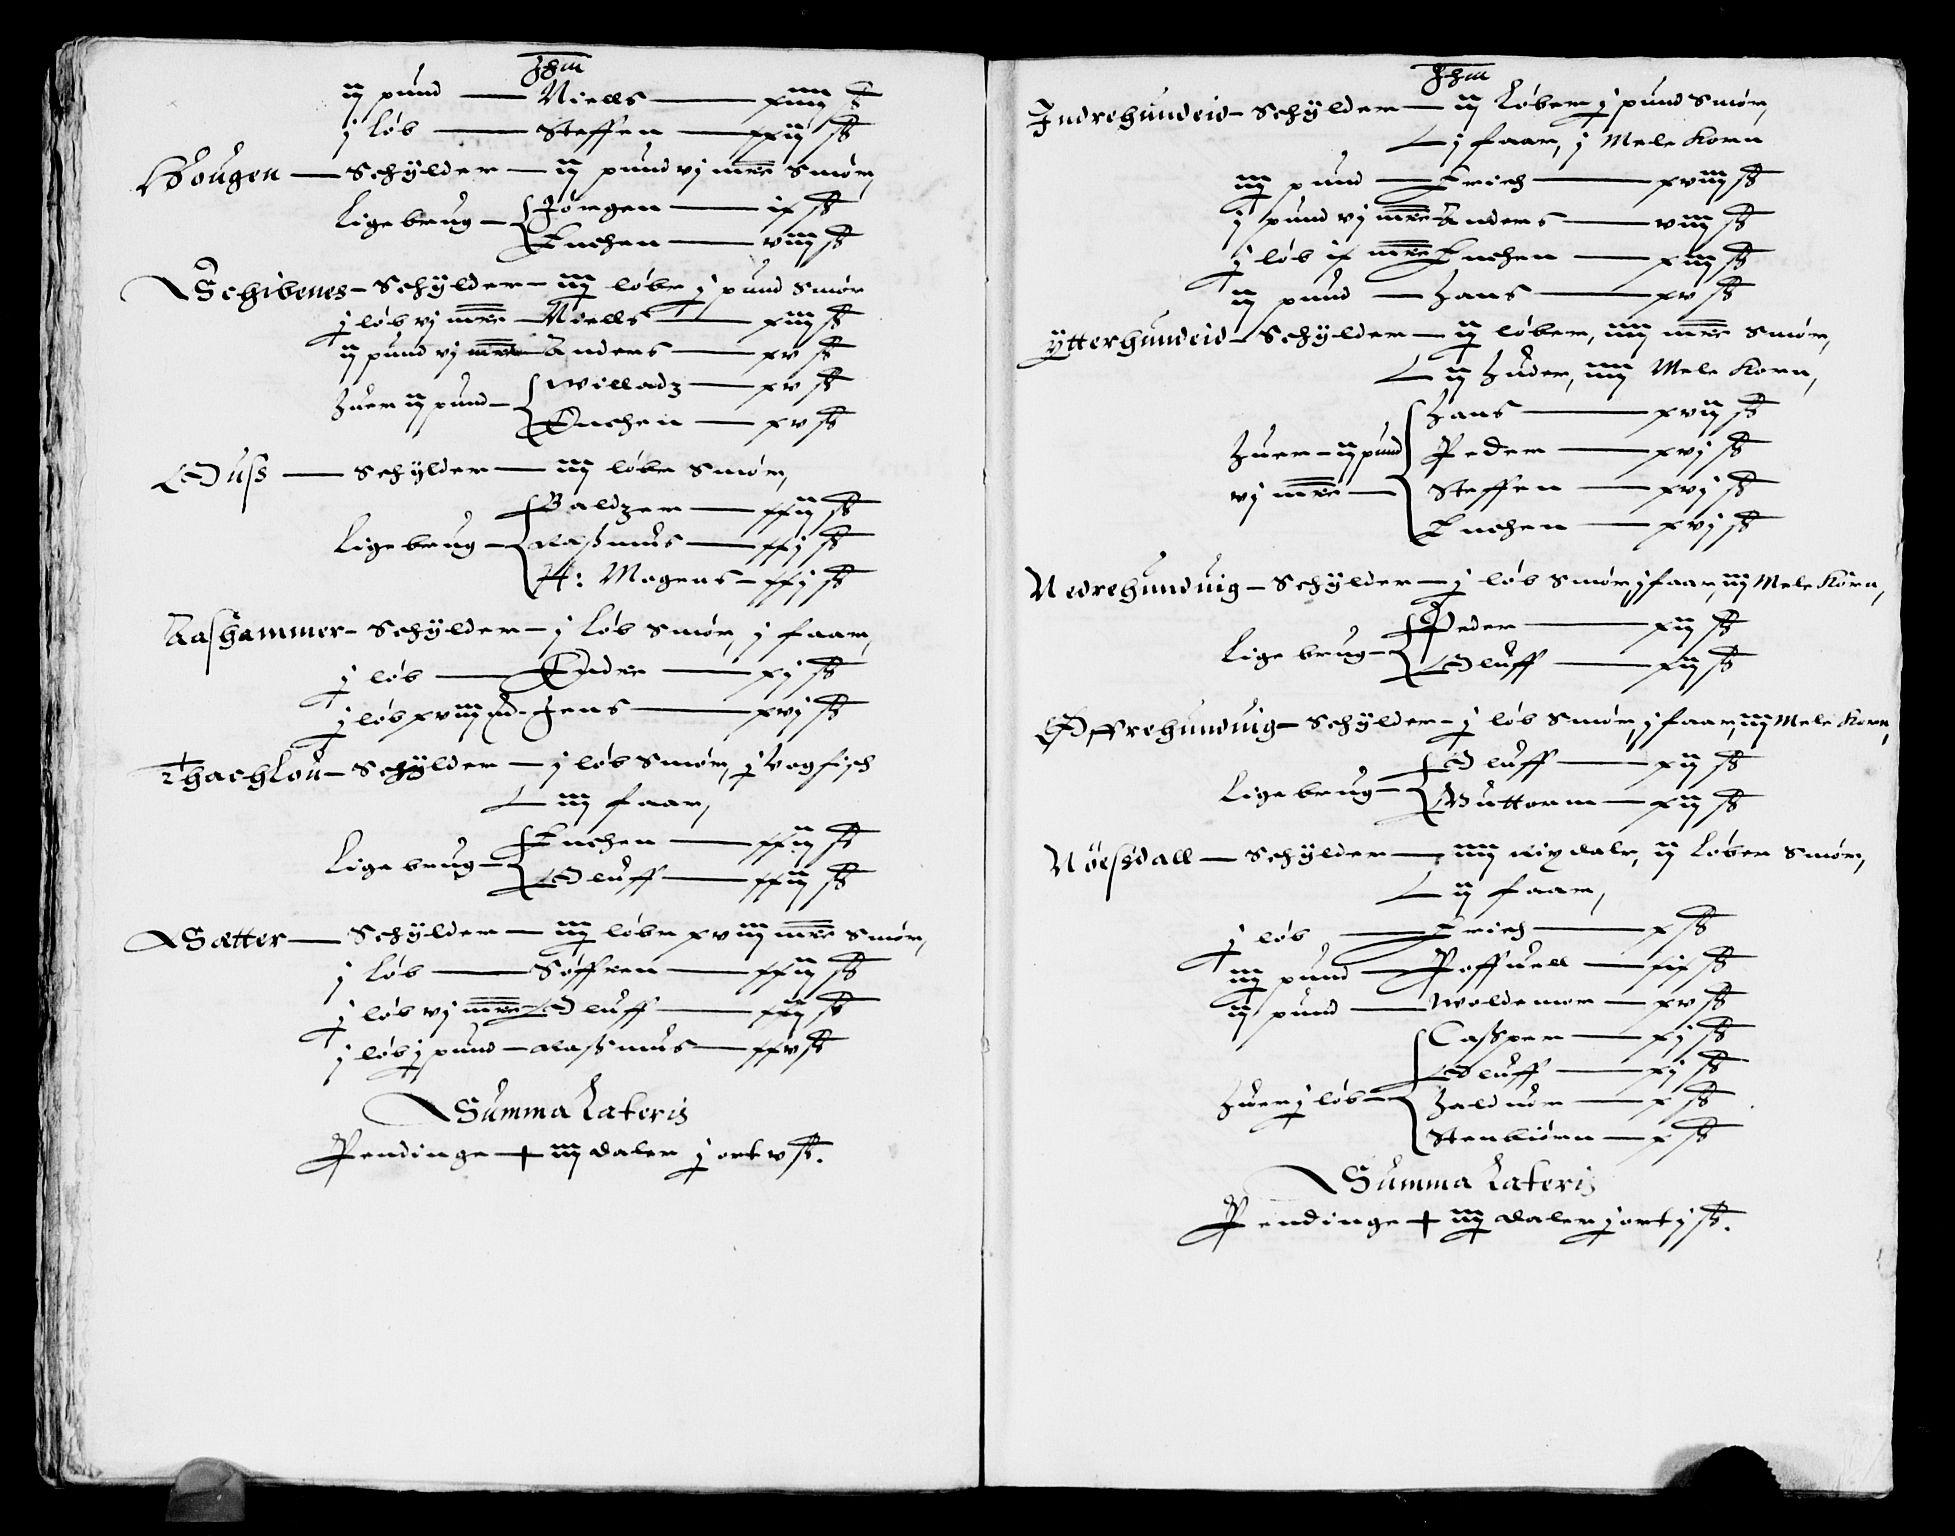 RA, Rentekammeret inntil 1814, Reviderte regnskaper, Lensregnskaper, R/Rb/Rbt/L0083: Bergenhus len, 1638-1639